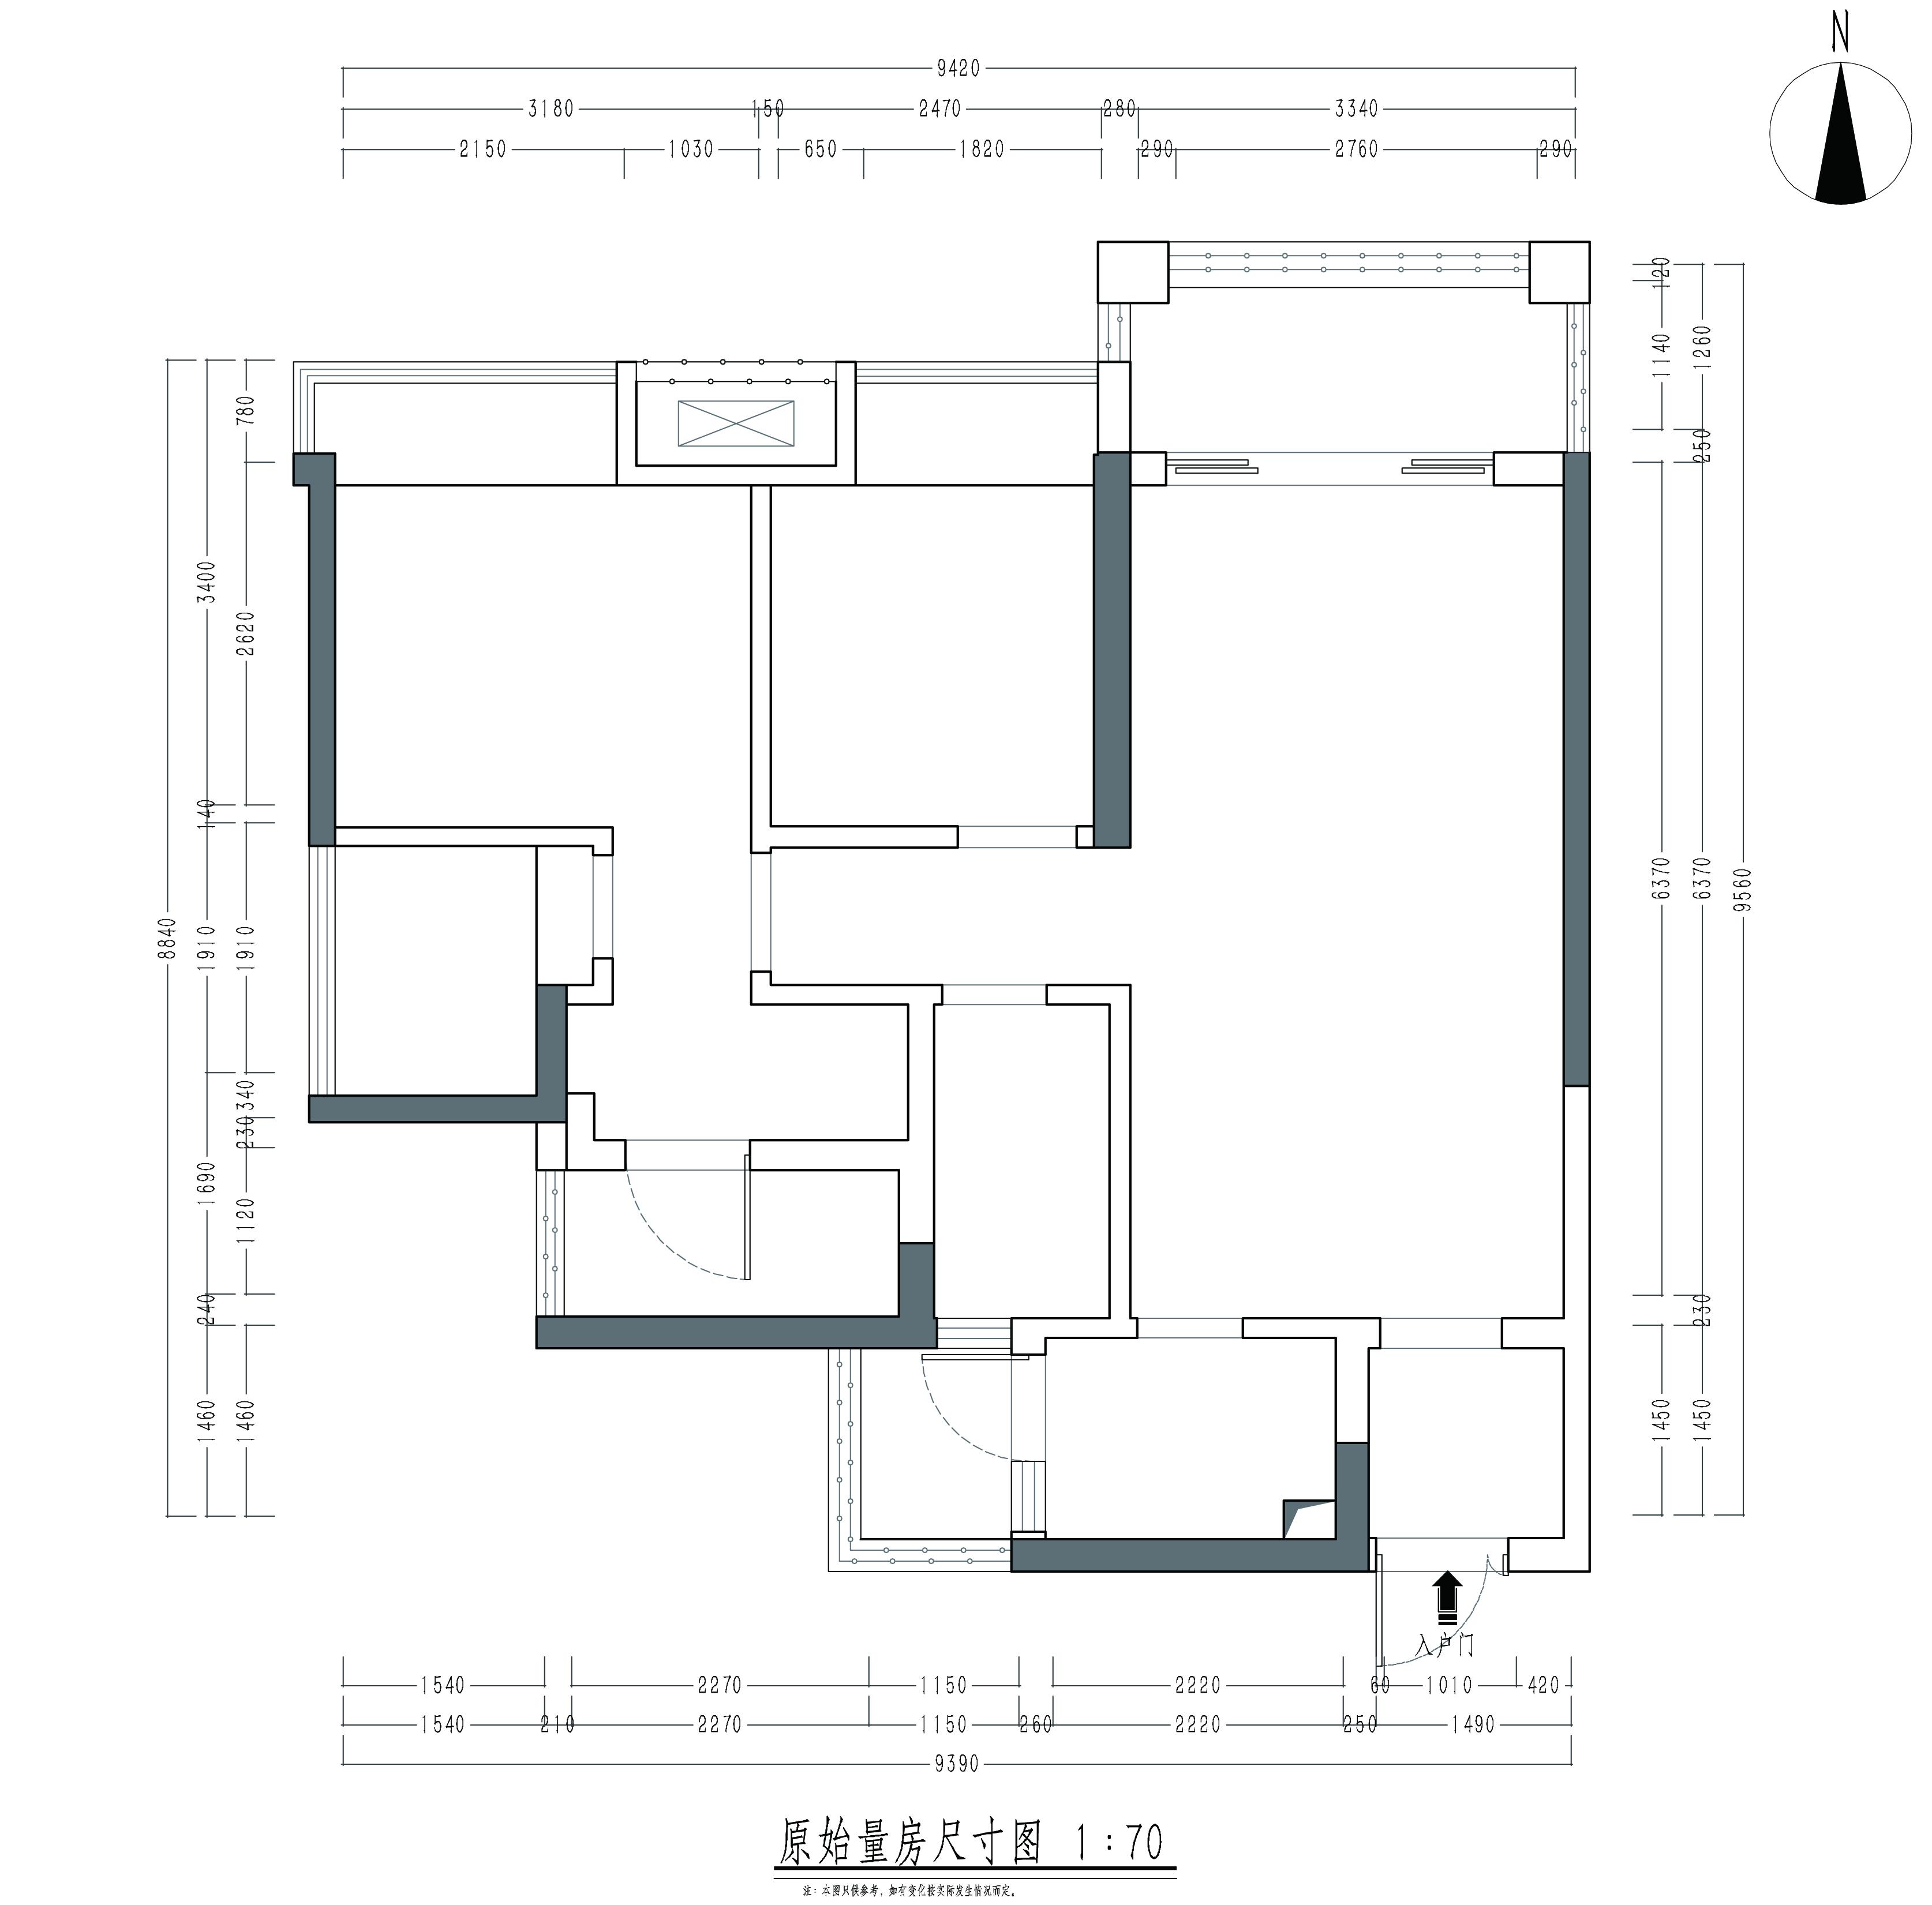 非凡领域简欧风格10座02户型90㎡装修效果图装修设计理念